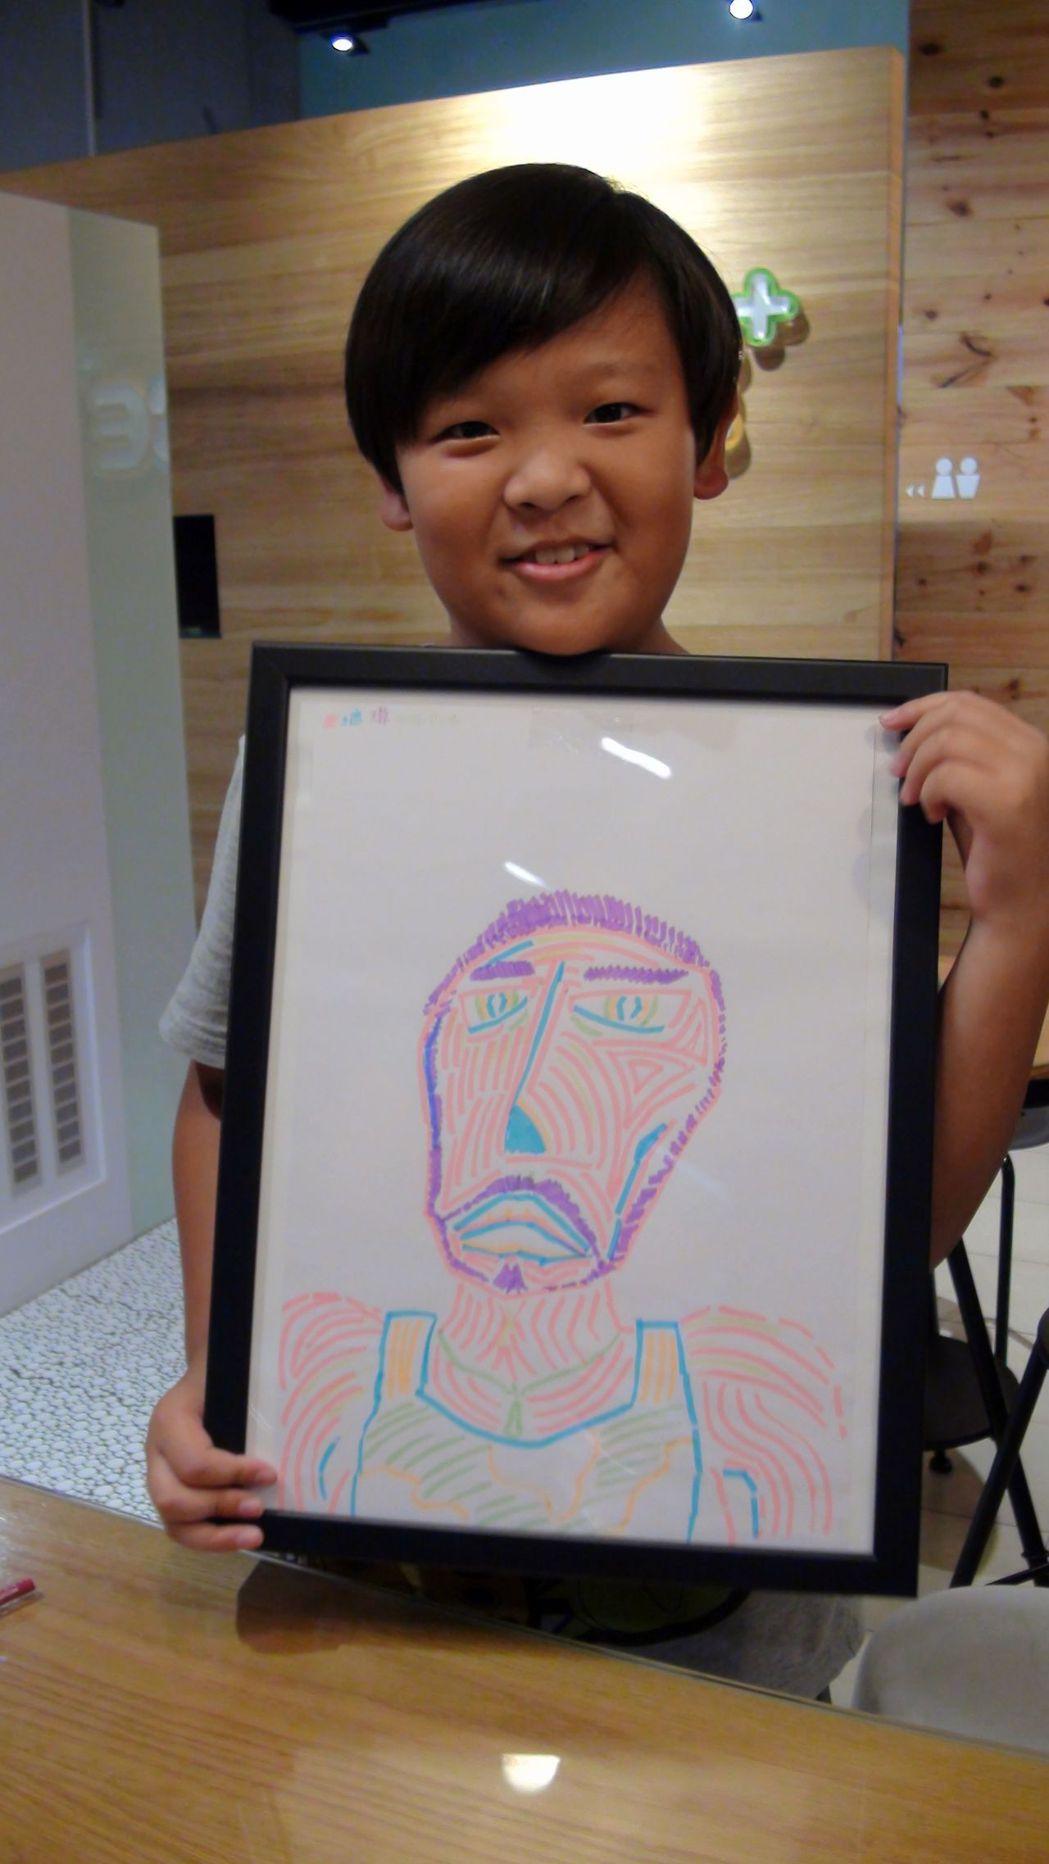 吳培瑋與他的人像創作。記者王昭月/攝影